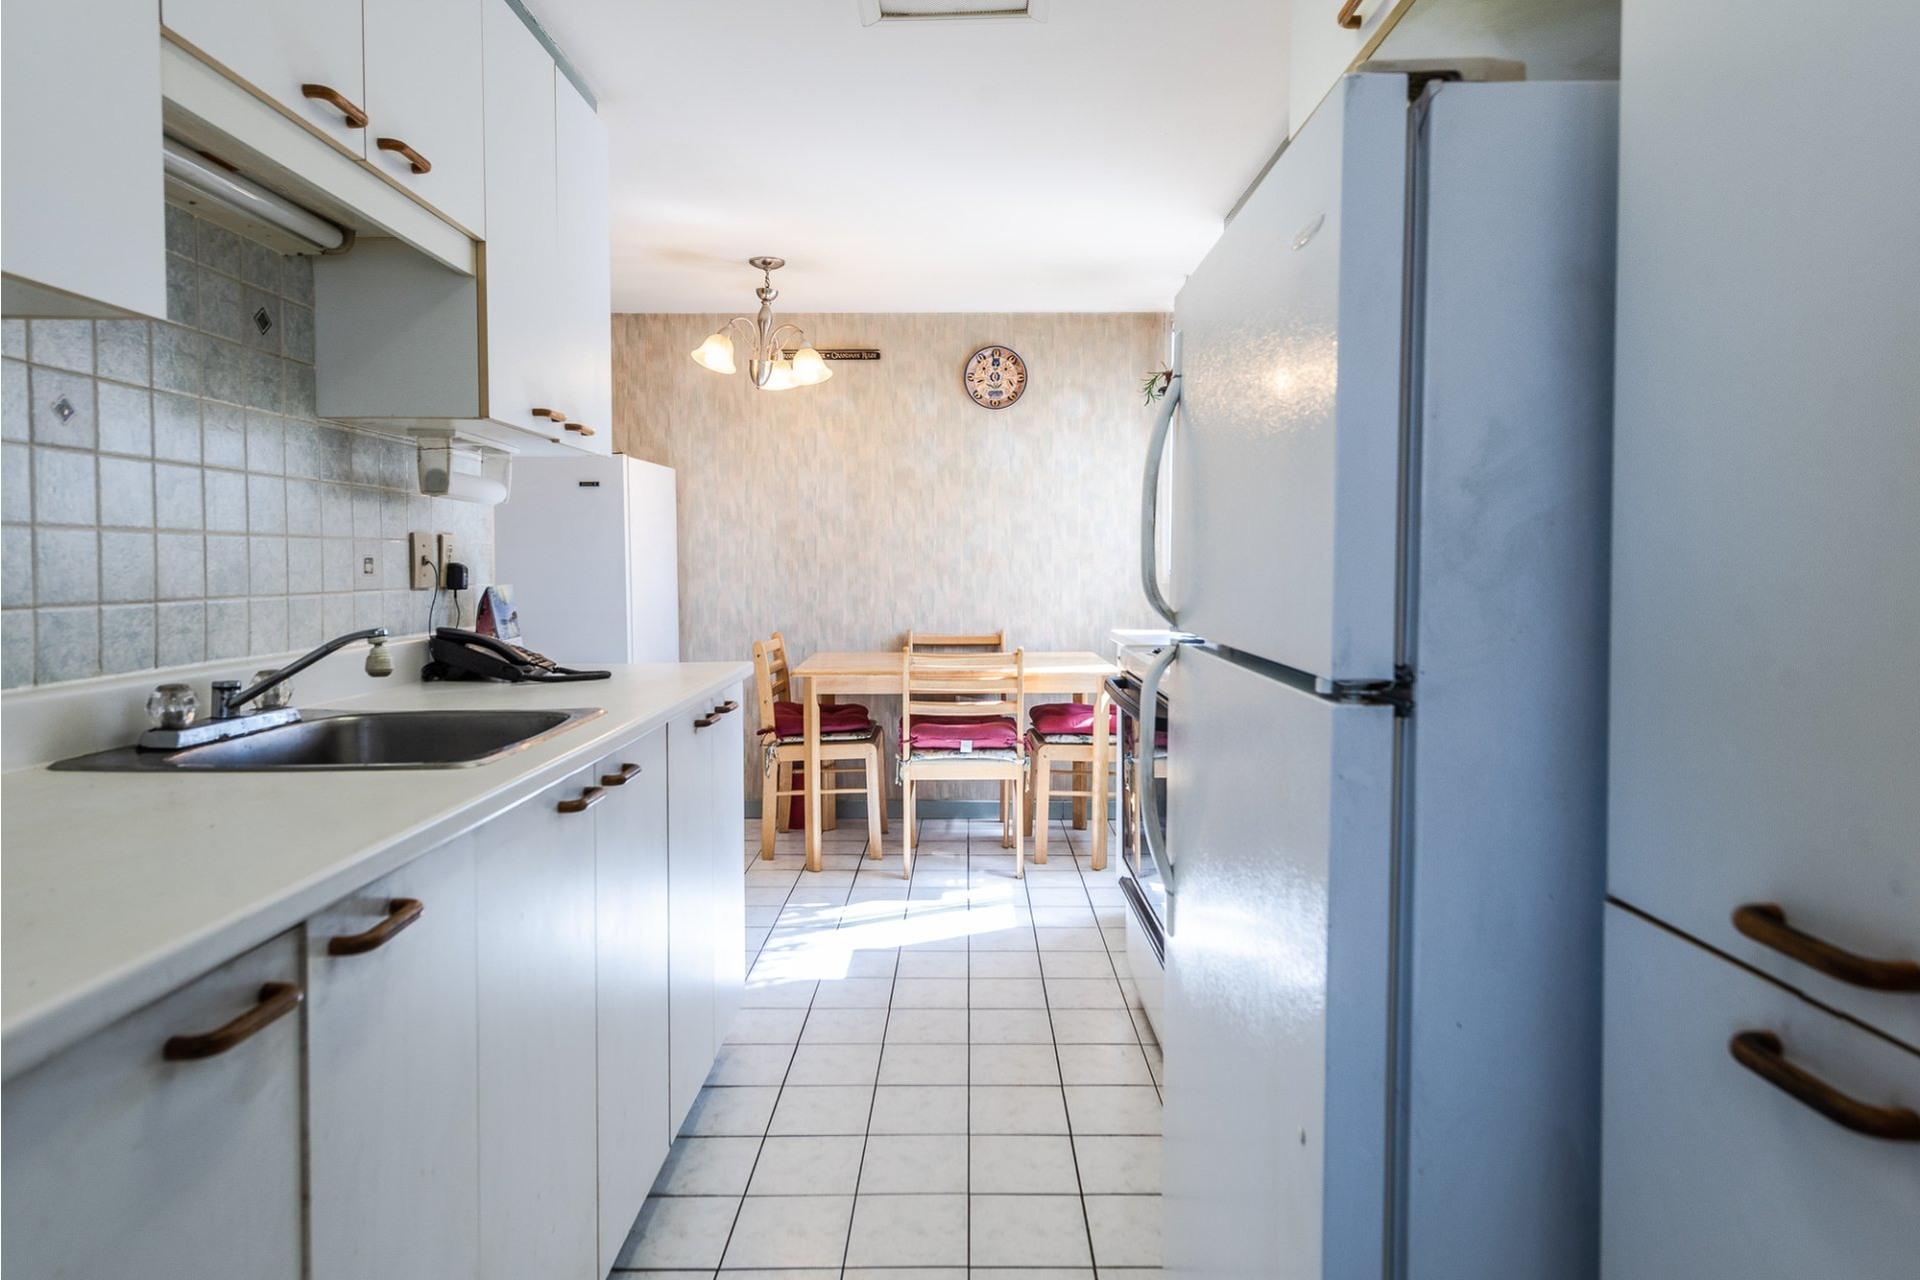 image 11 - Apartment For sale Montréal Saint-Laurent  - 5 rooms